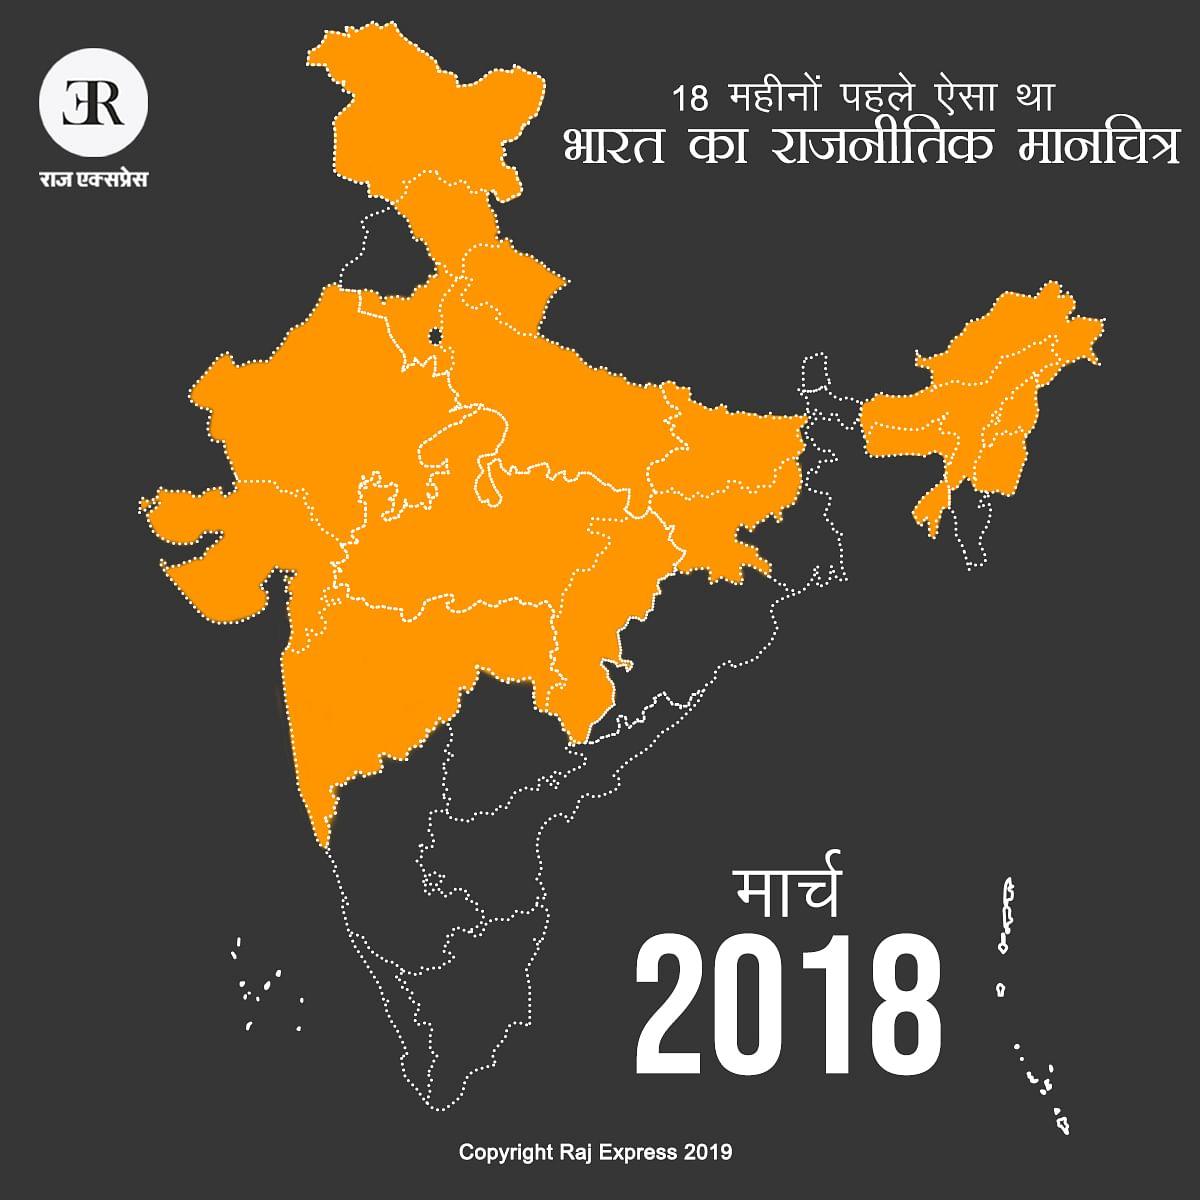 पिछले साल से कैसे बदली देश की राजनीति?